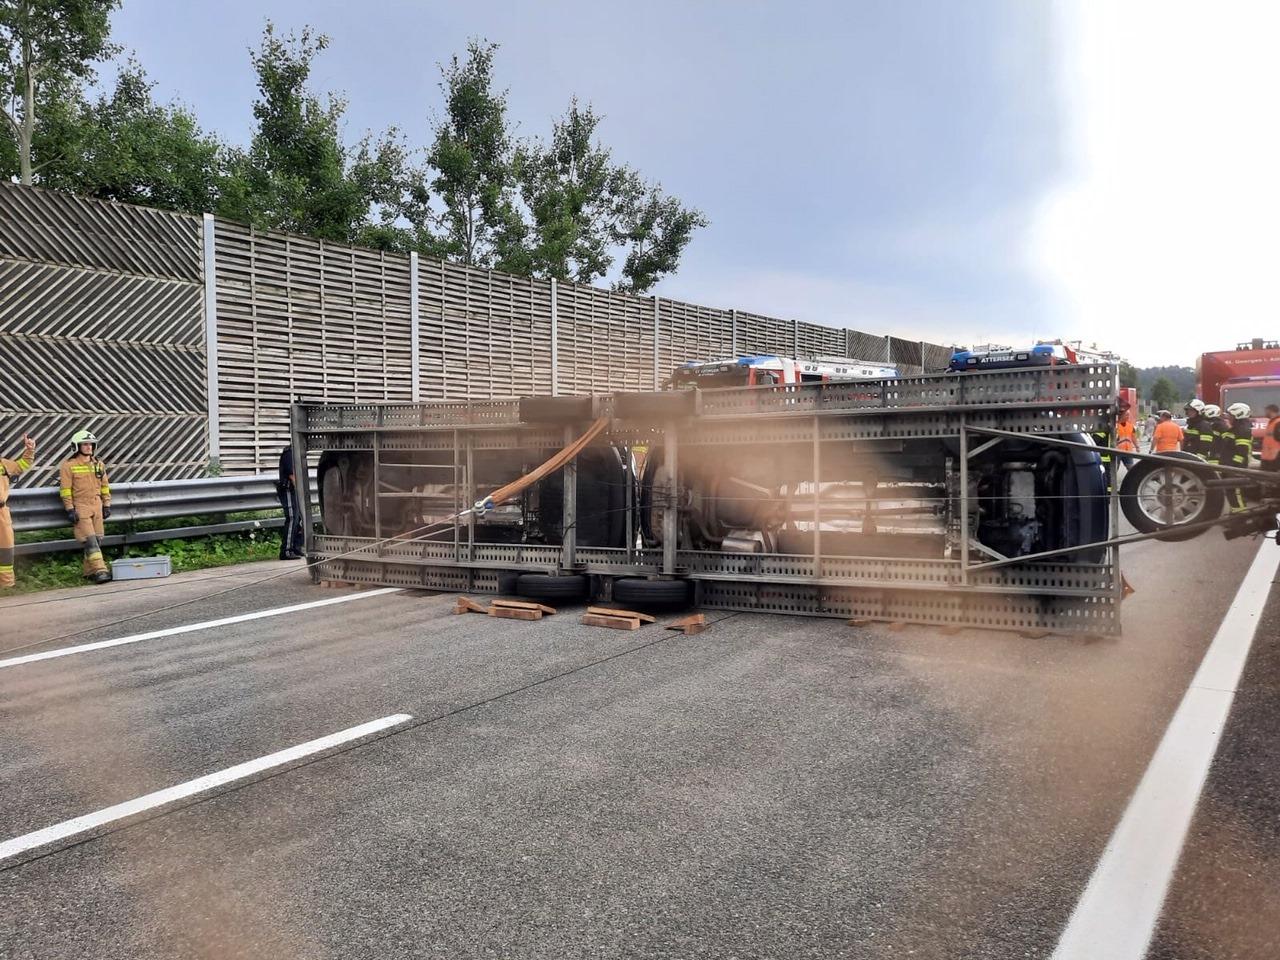 Reiseverkehr sorgt für Einsätze auf der A1